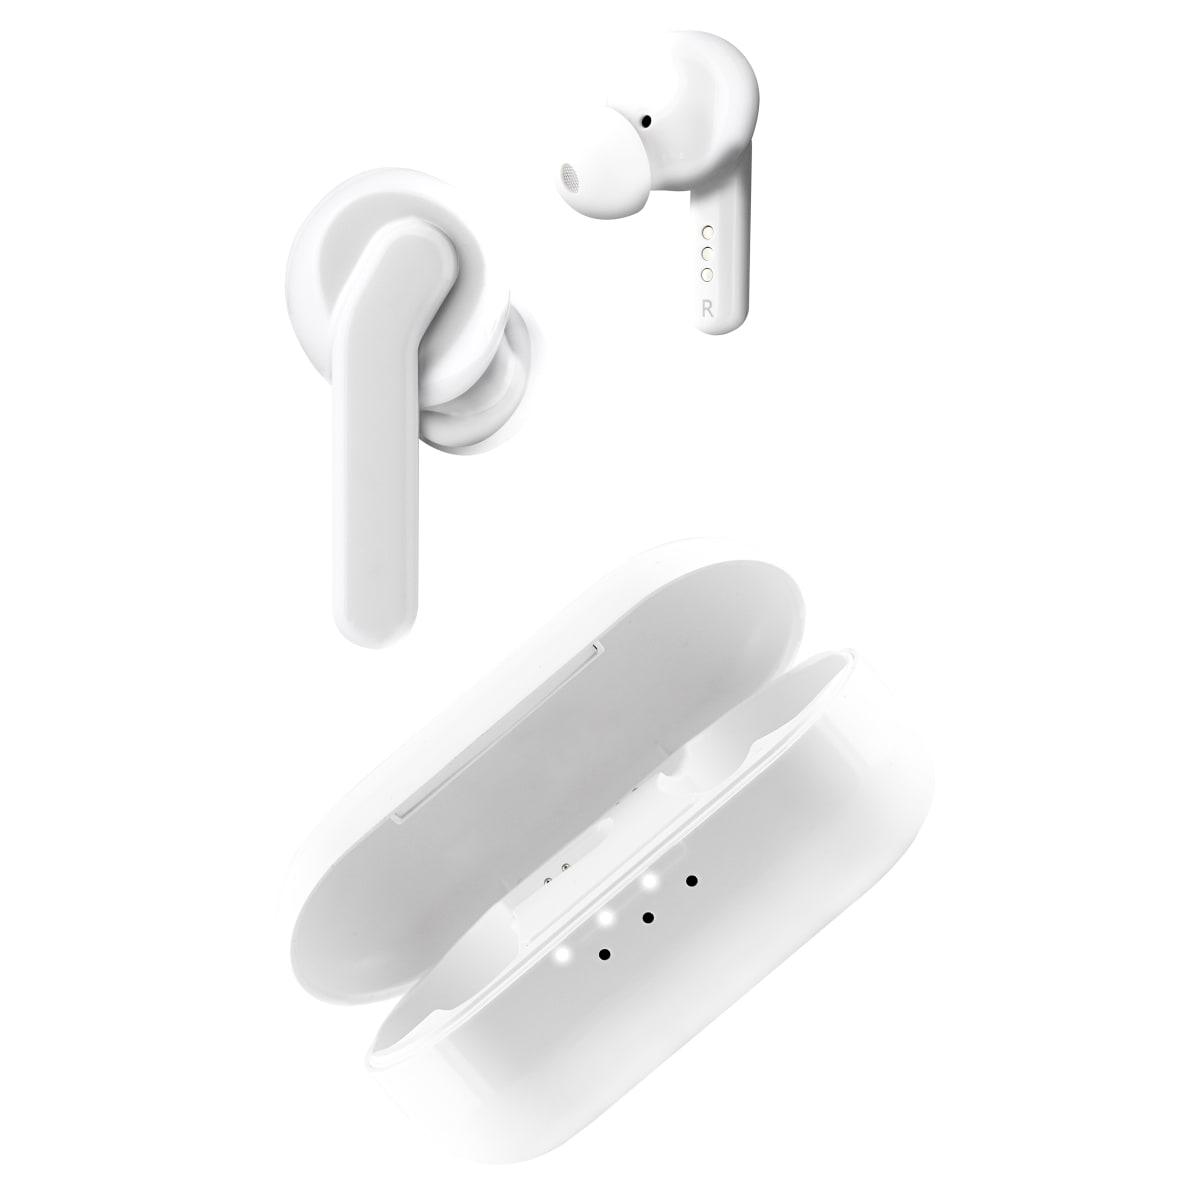 FEAT PRO TWS earphones white